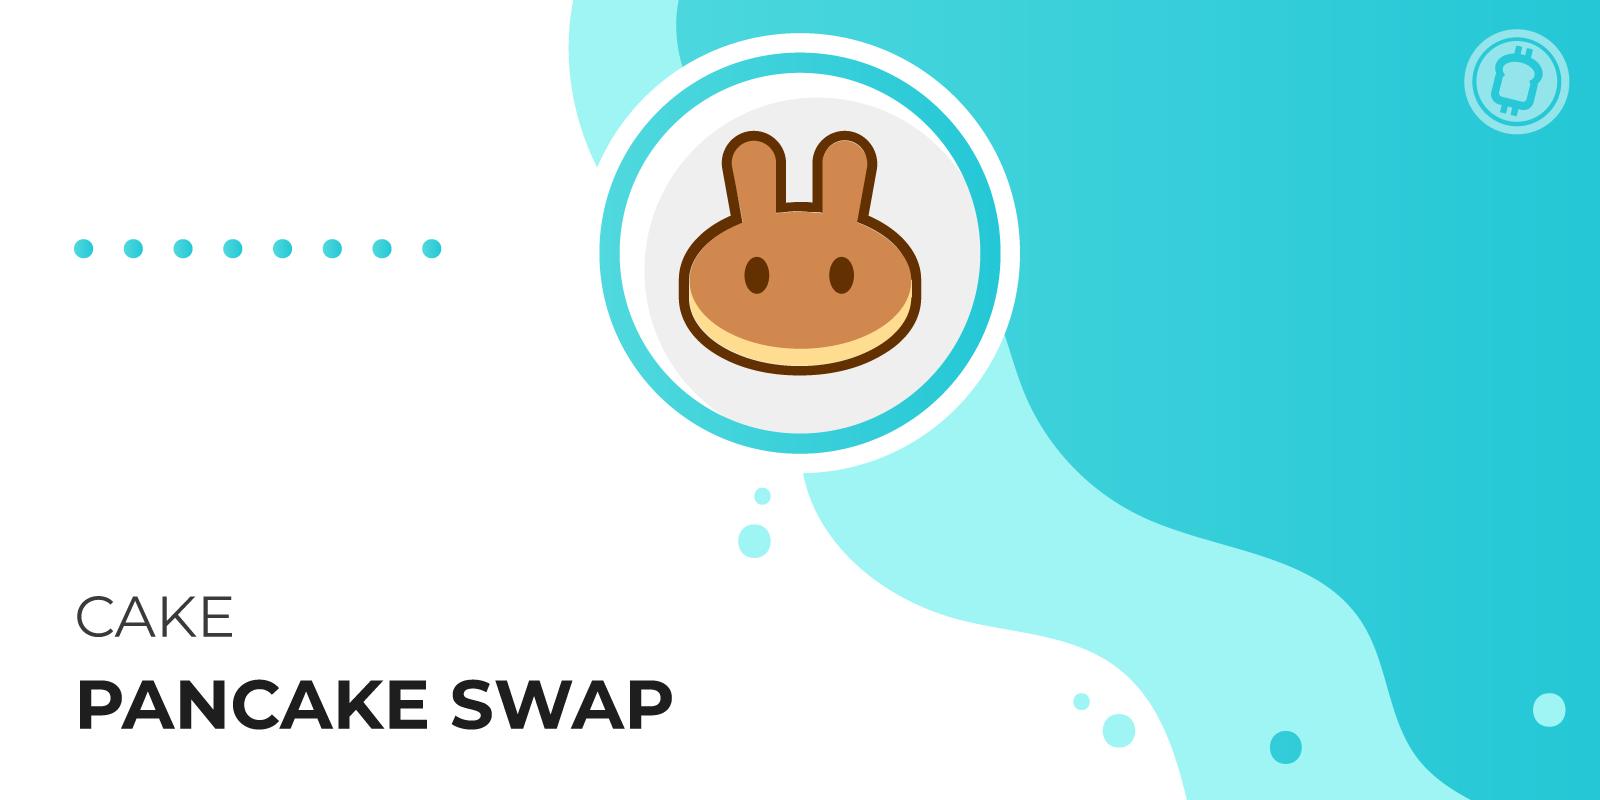 PancakeSwap (CAKE), le principal exchange décentralisé de la Binance Smart Chain (BSC) aux multiples fonctionnalités